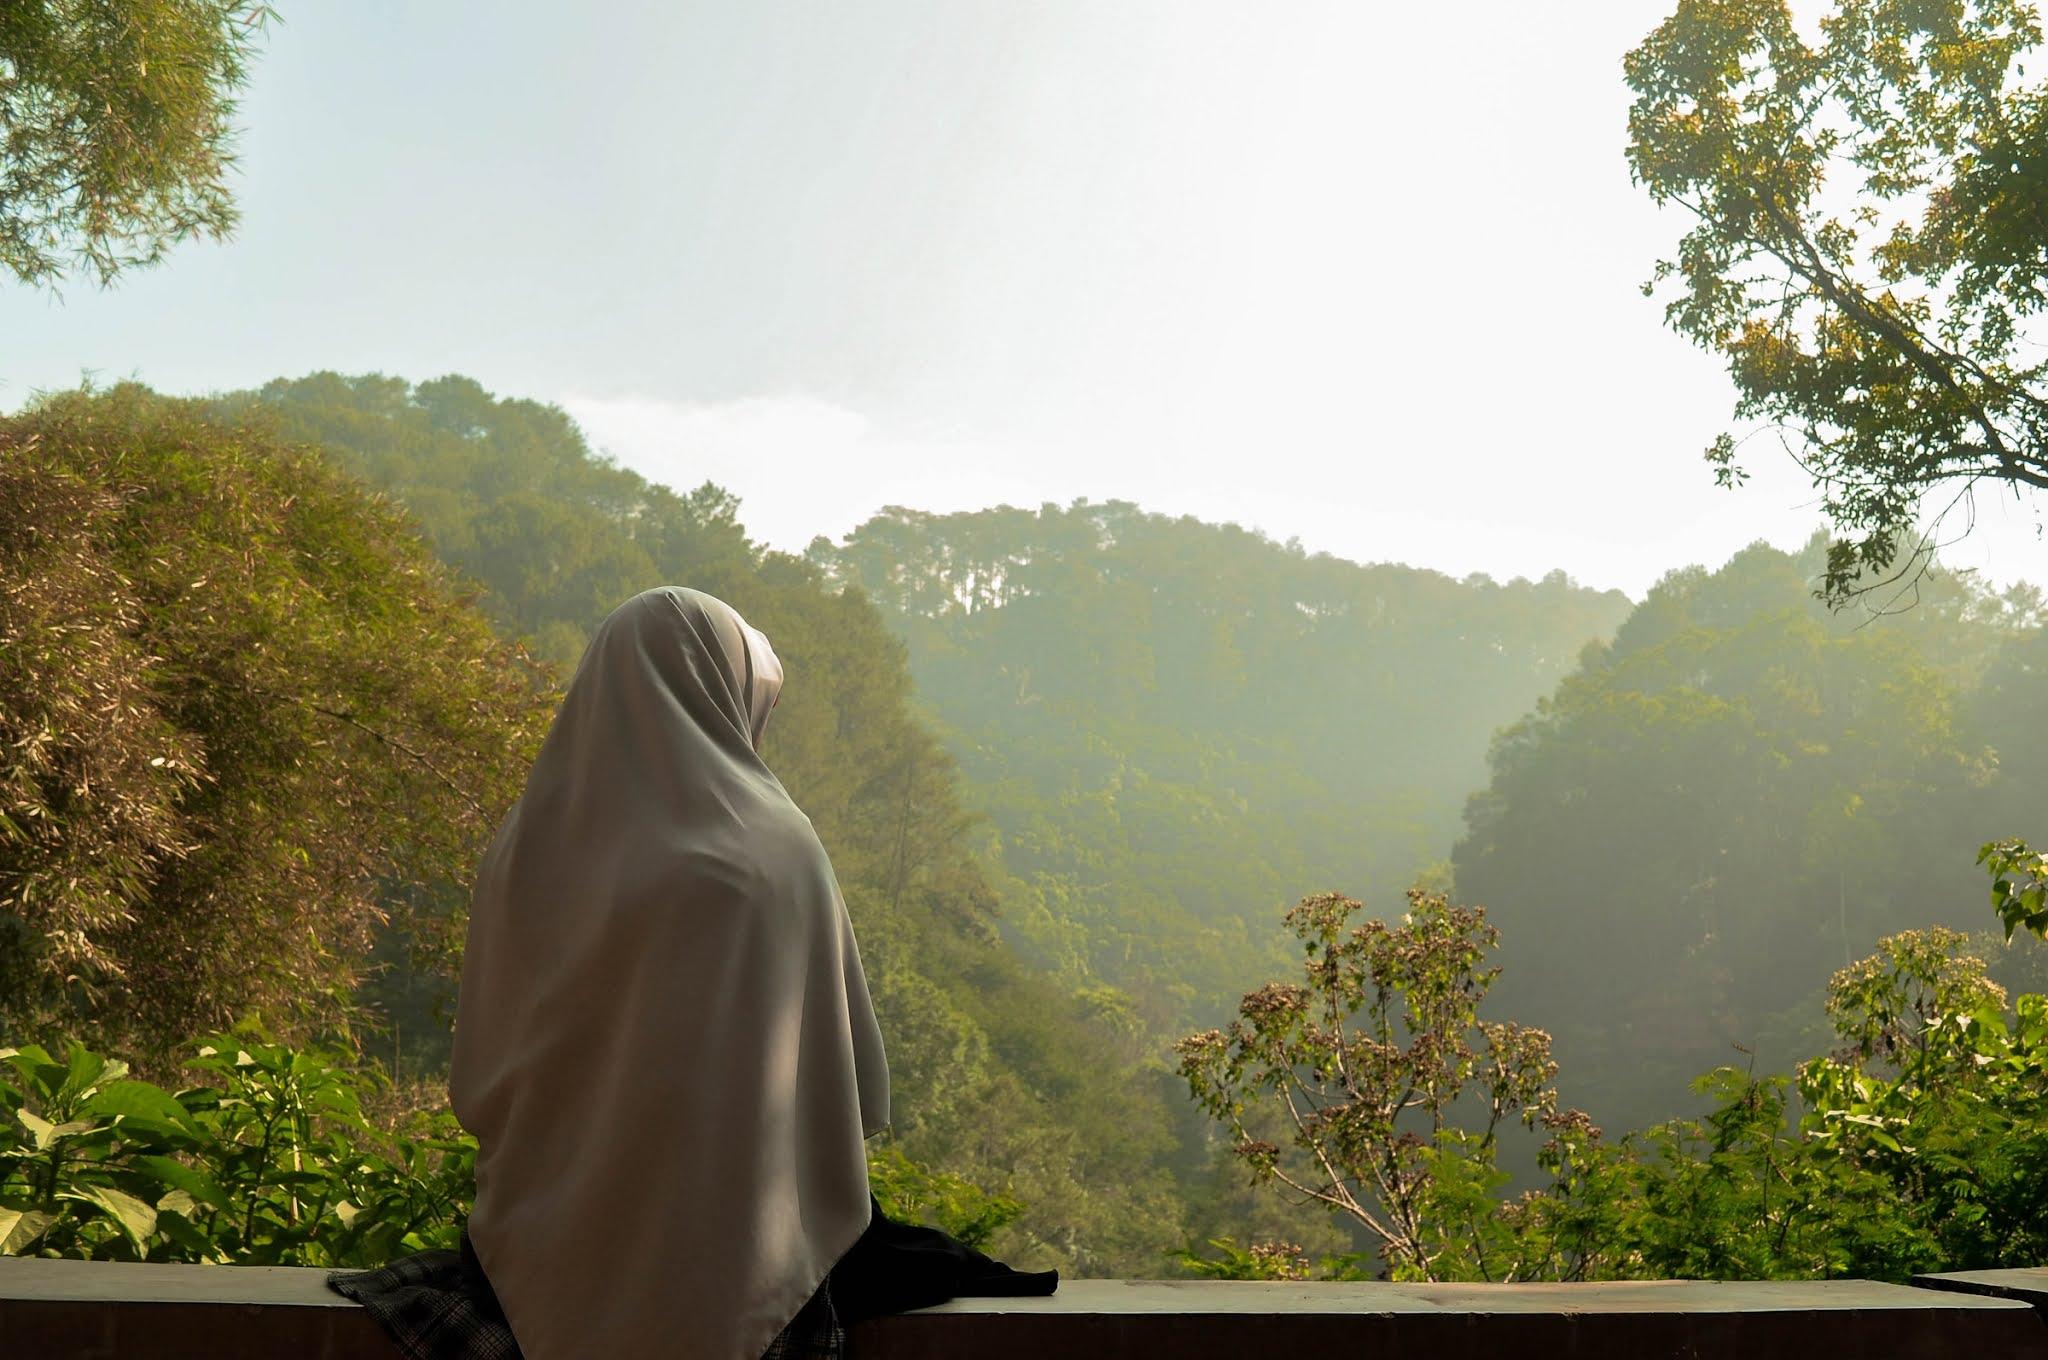 Kisah Cinta Salman Al Farisi Sahabat Rasulullah - Menikahmuda.com